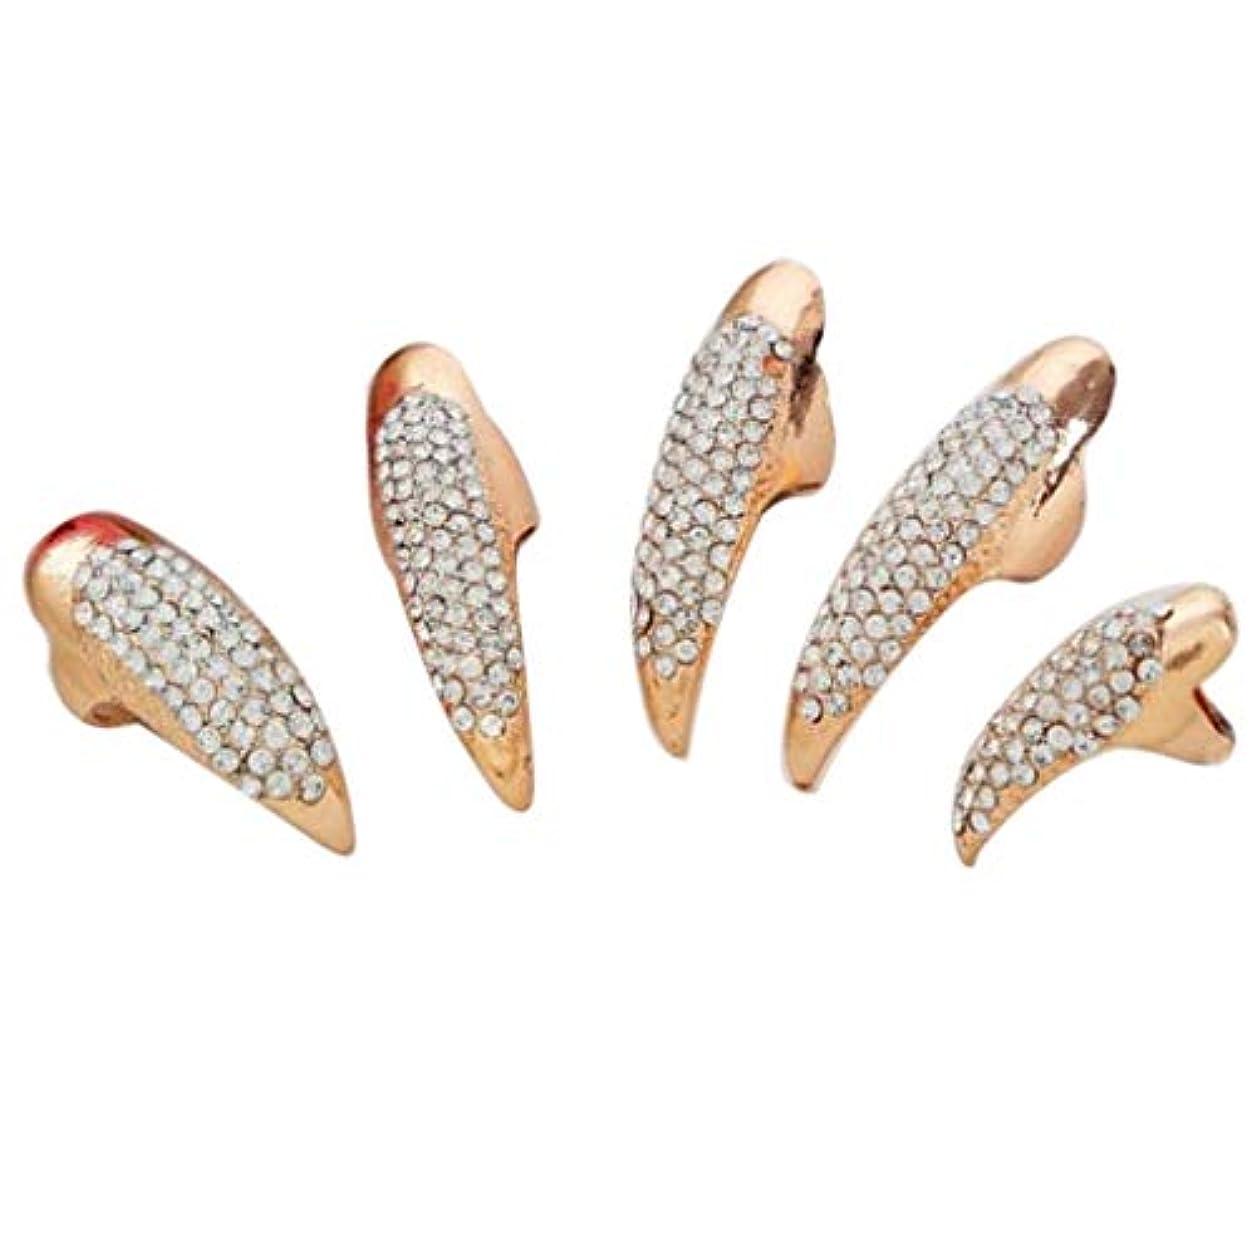 喉頭時代遅れドラマToygogo ネイルリング チップリング 爪の指輪 指先の指輪 ネイルアート アクセサリー 2色選べ - ゴールデン